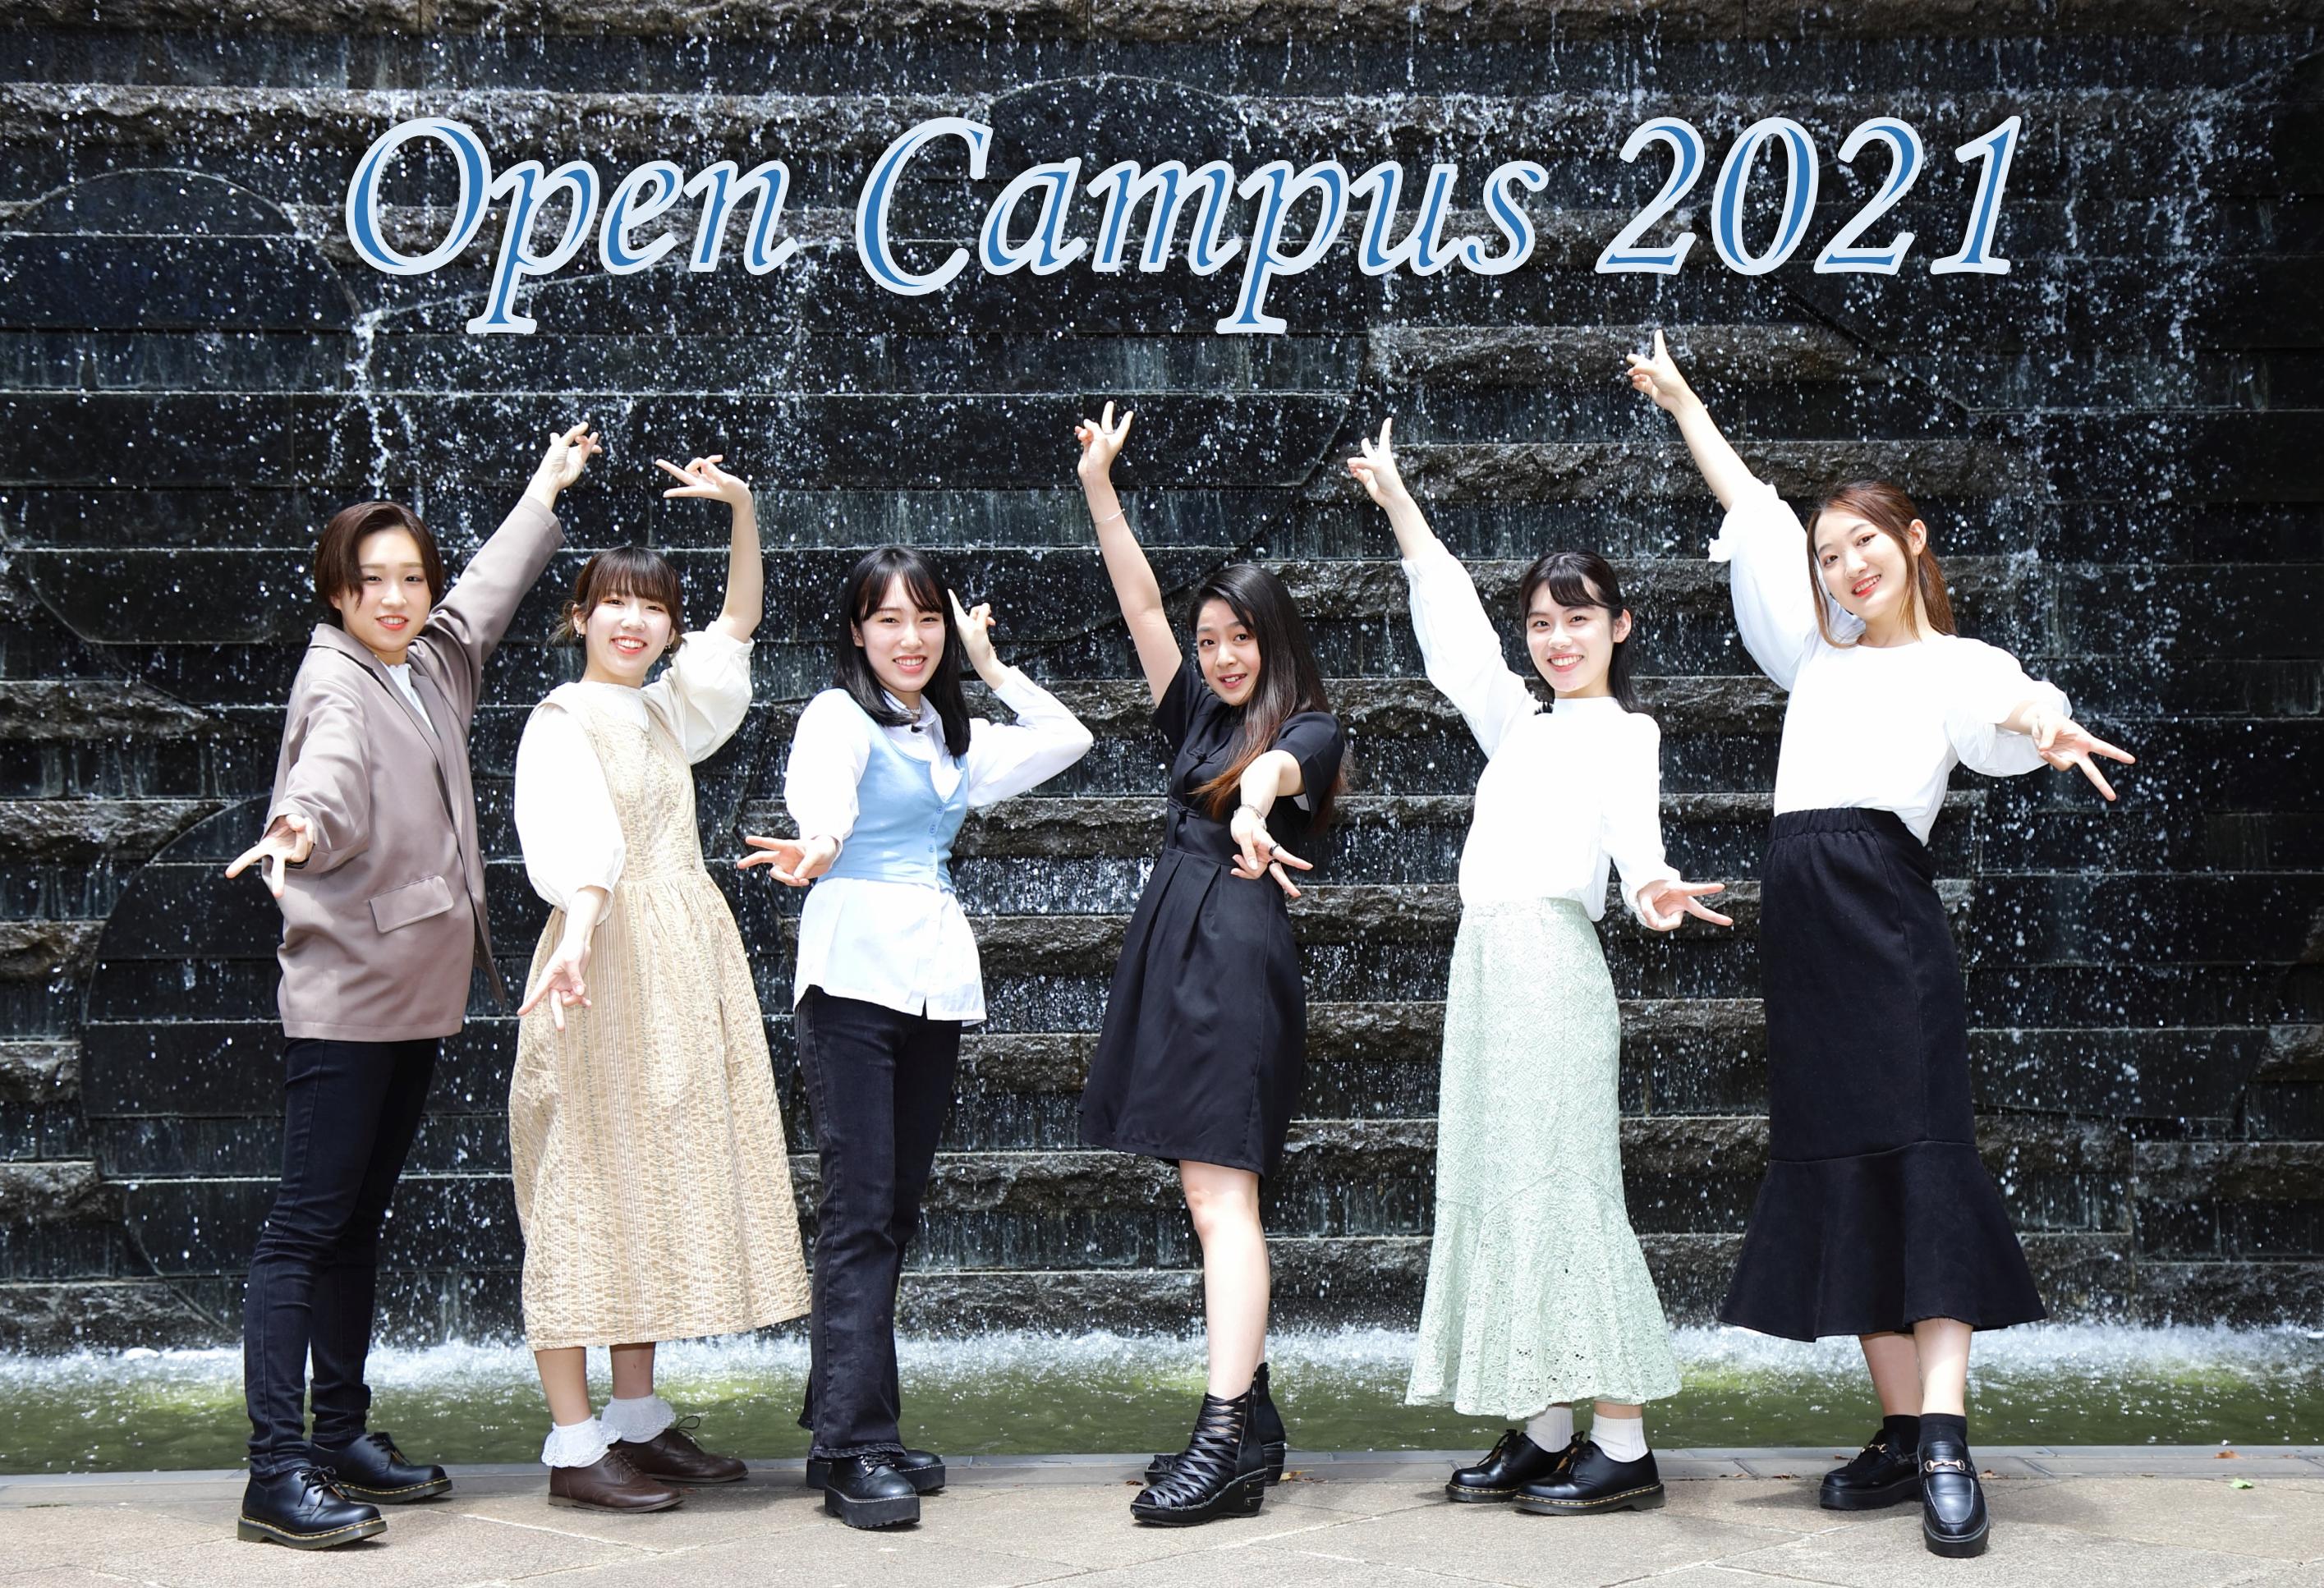 7月31日(土)のオープンキャンパスのご案内